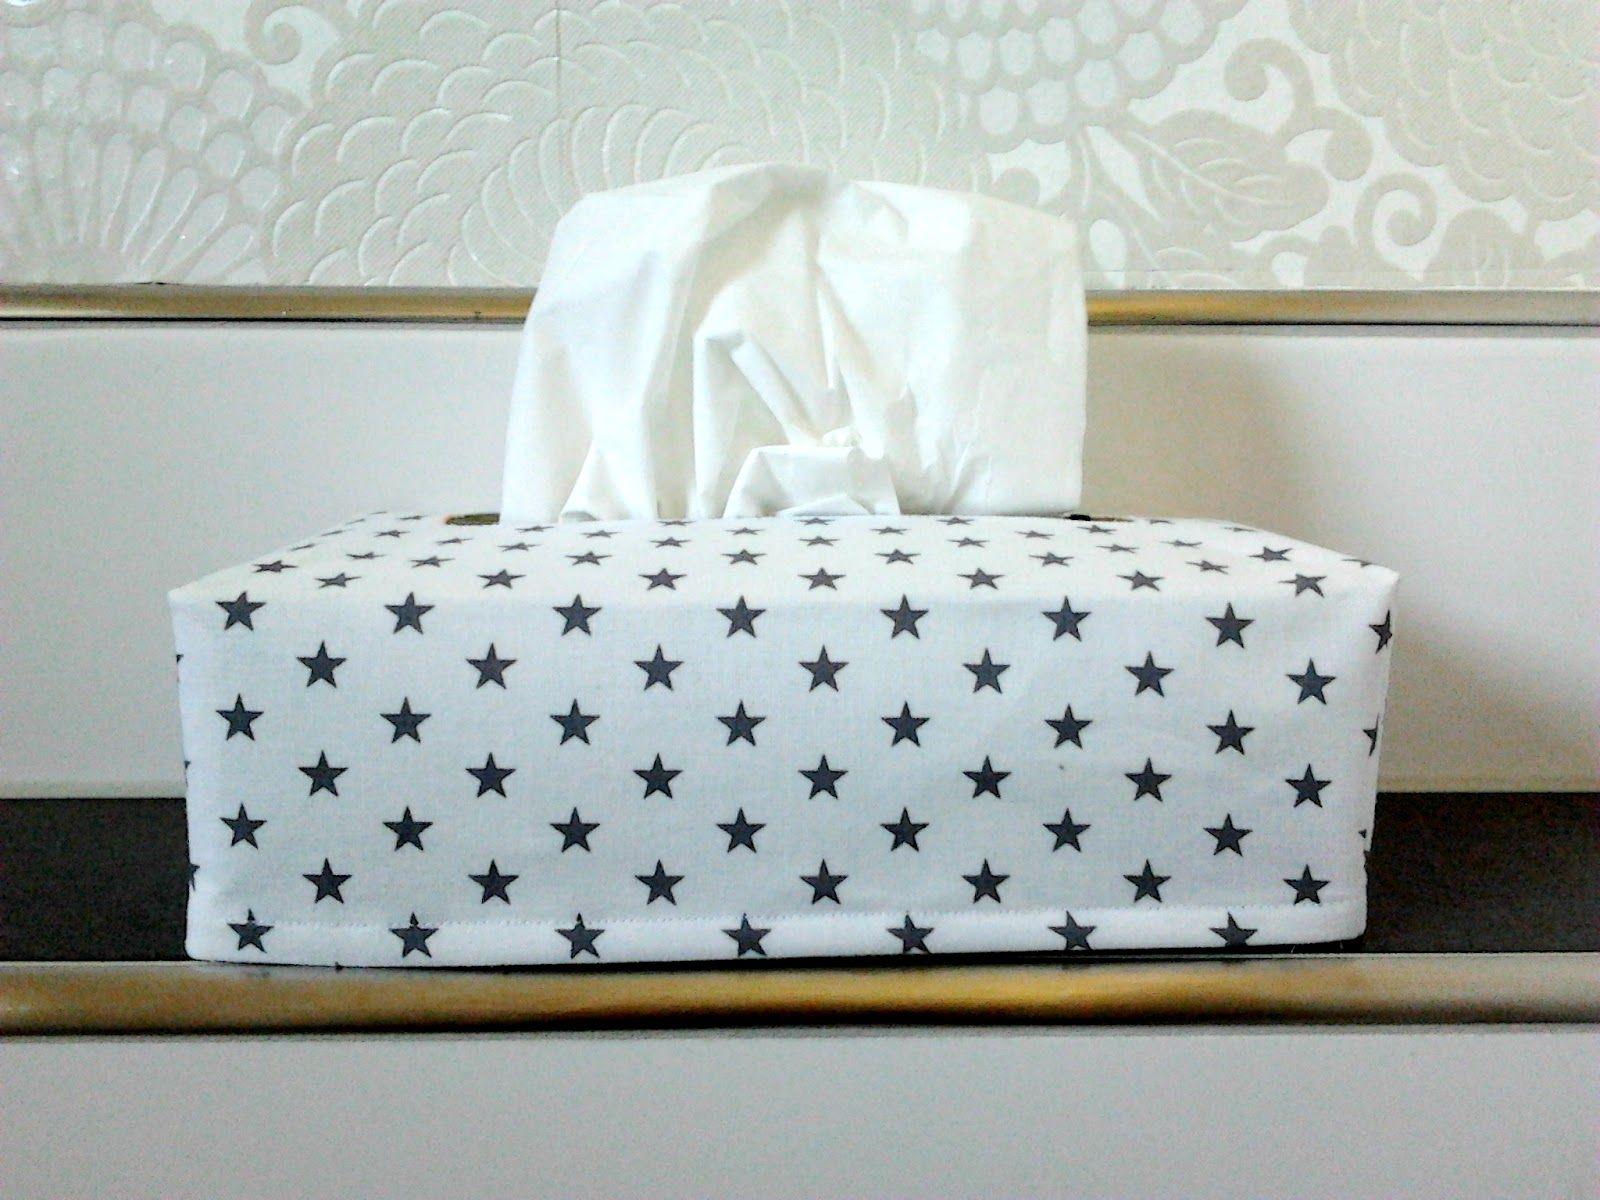 h lle f r kosmetikt cher box n hen deutsch pinterest box n hen und n hanleitung. Black Bedroom Furniture Sets. Home Design Ideas